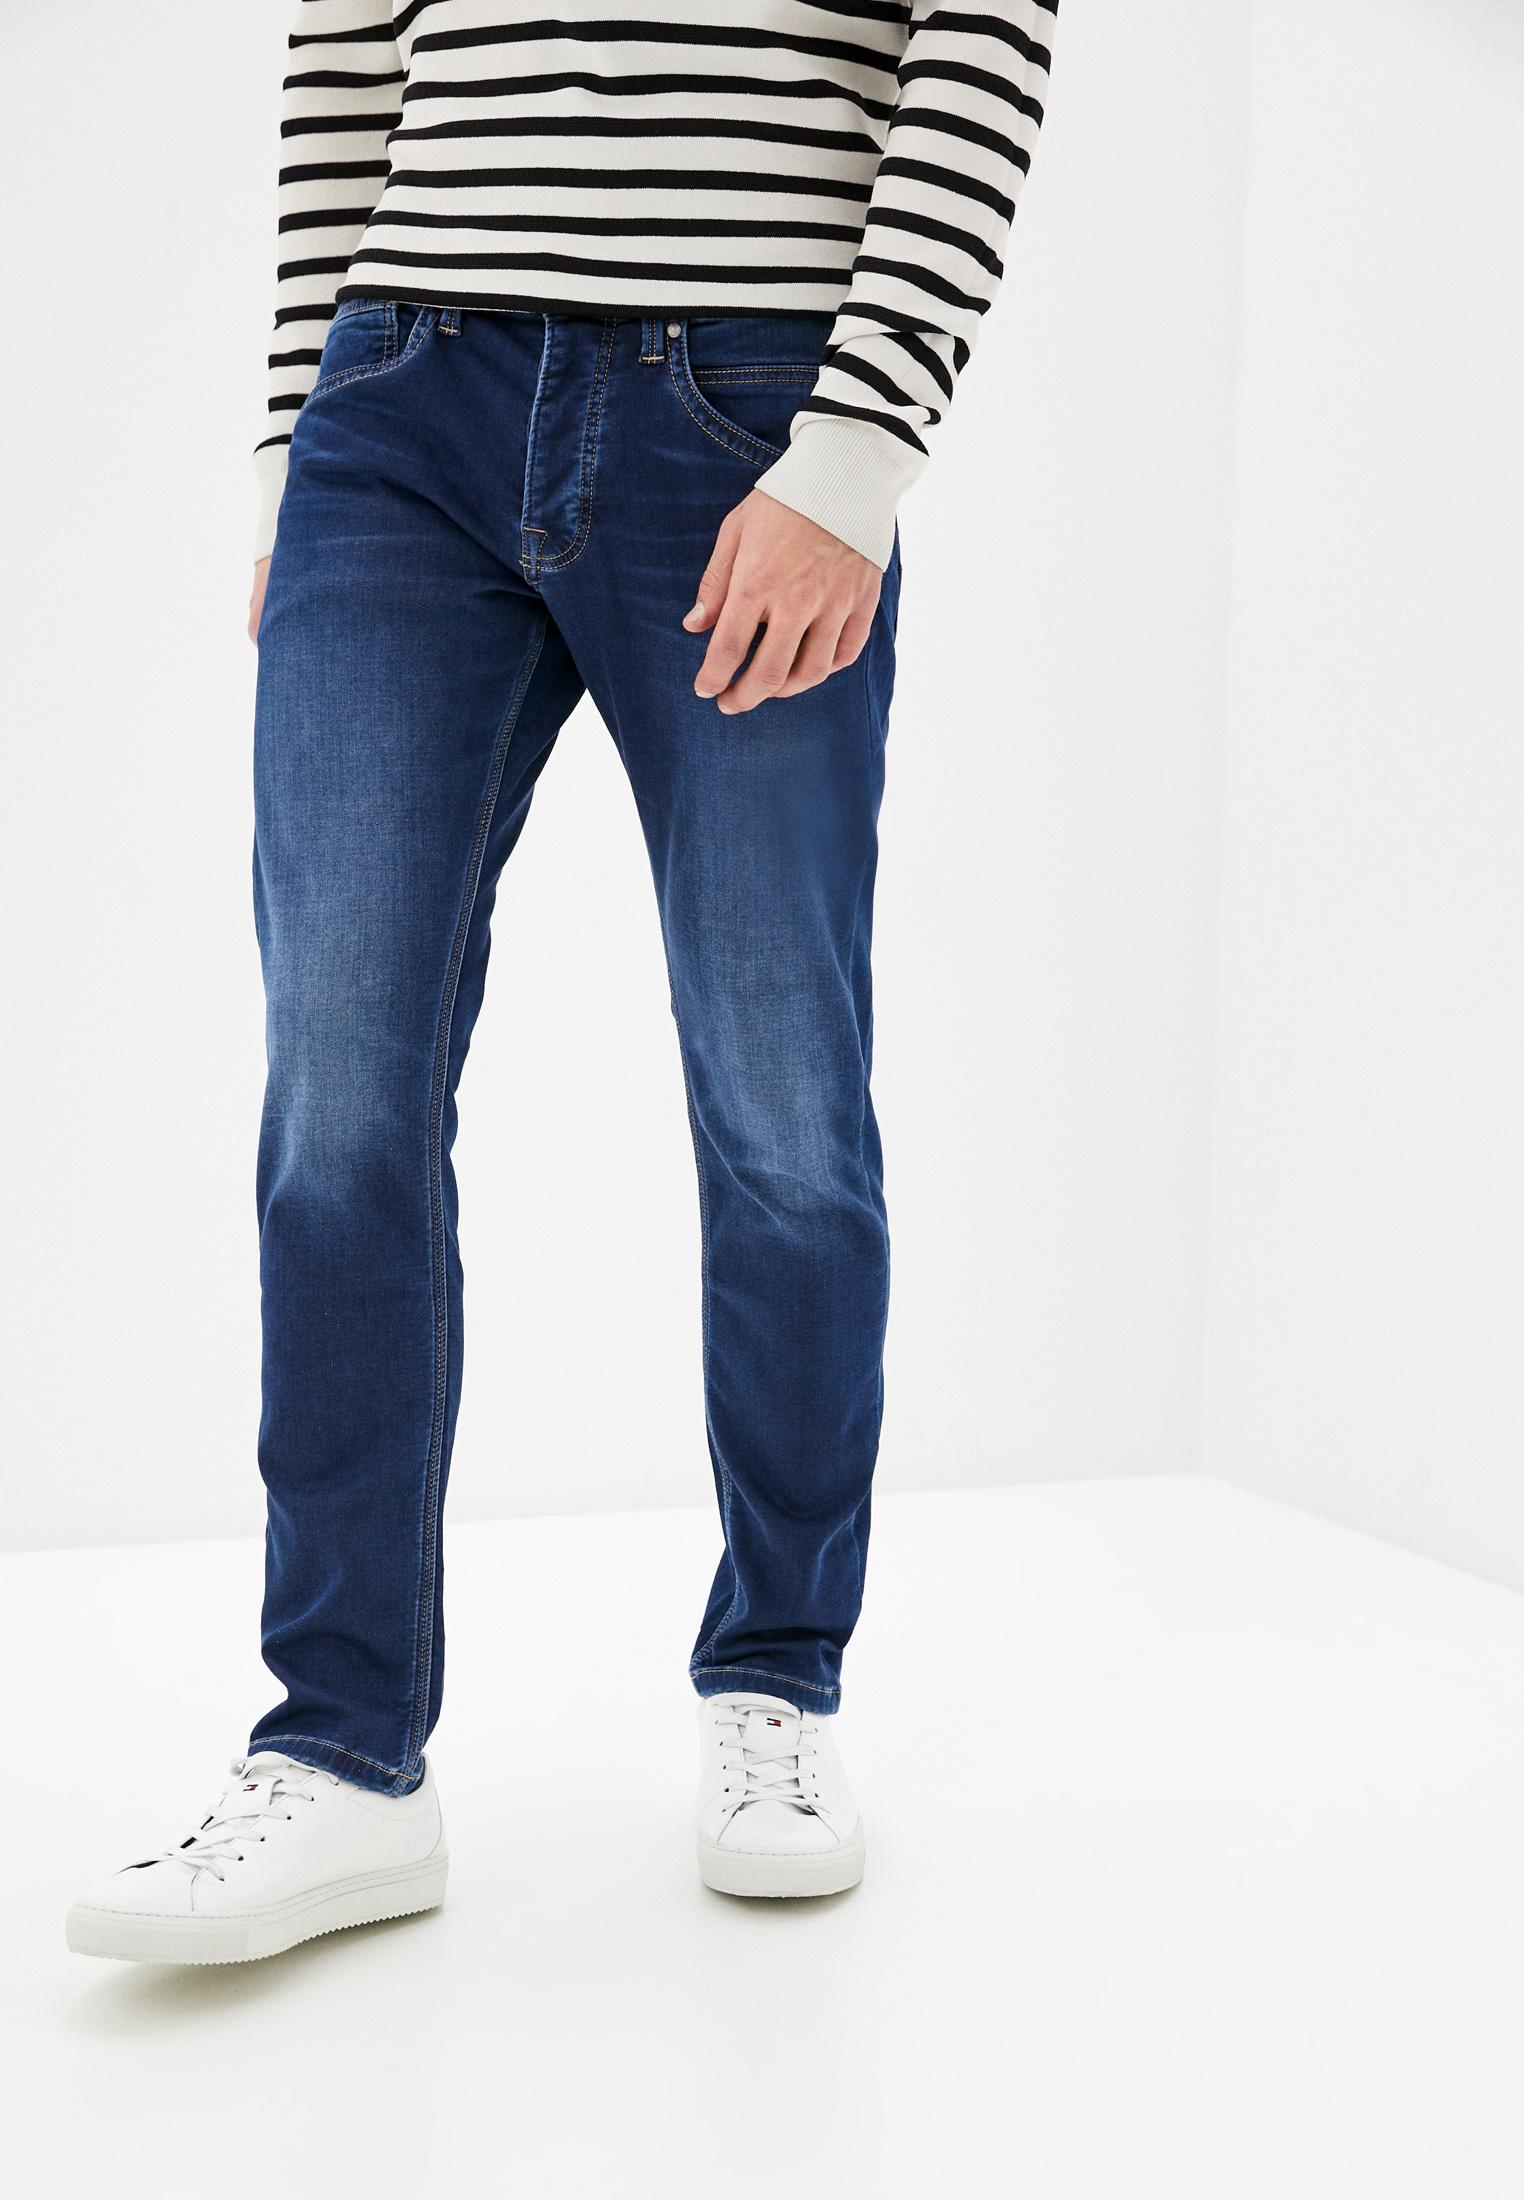 Зауженные джинсы Pepe Jeans (Пепе Джинс) PM201100GT1